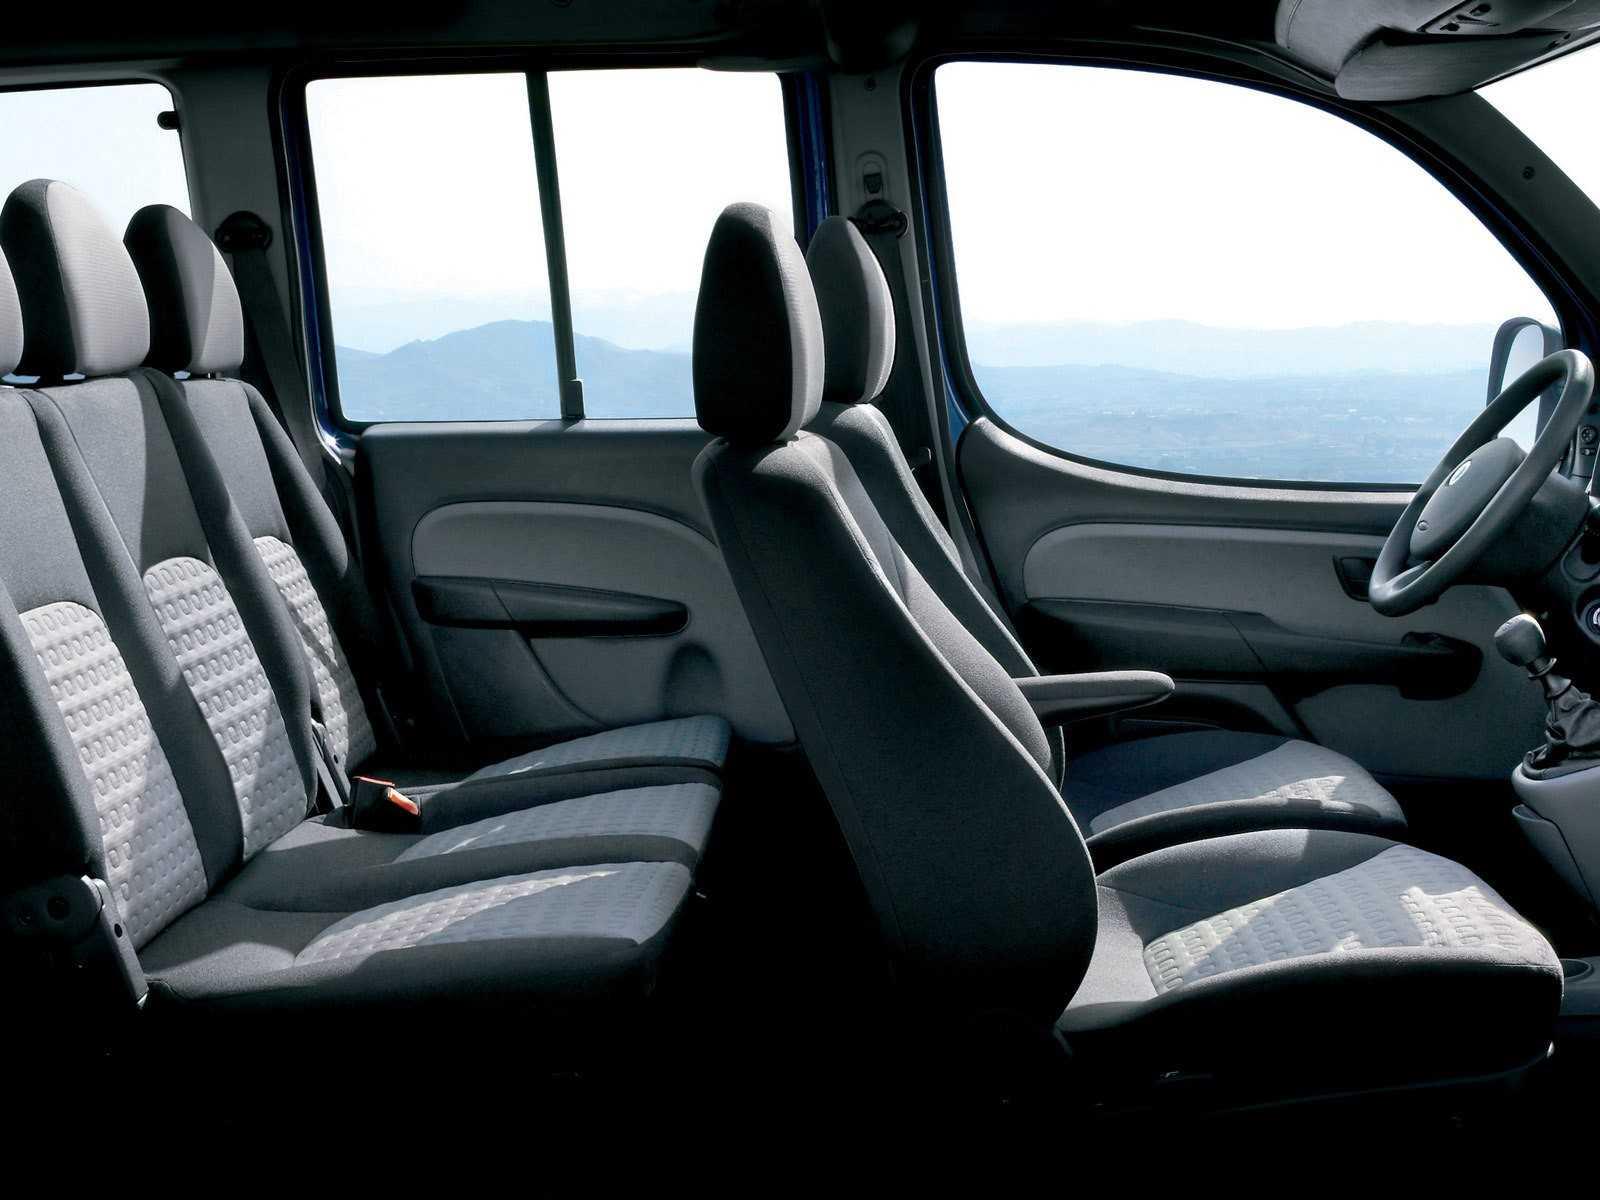 Fiat doblo - обзор, цены, видео, технические характеристики фиат добло